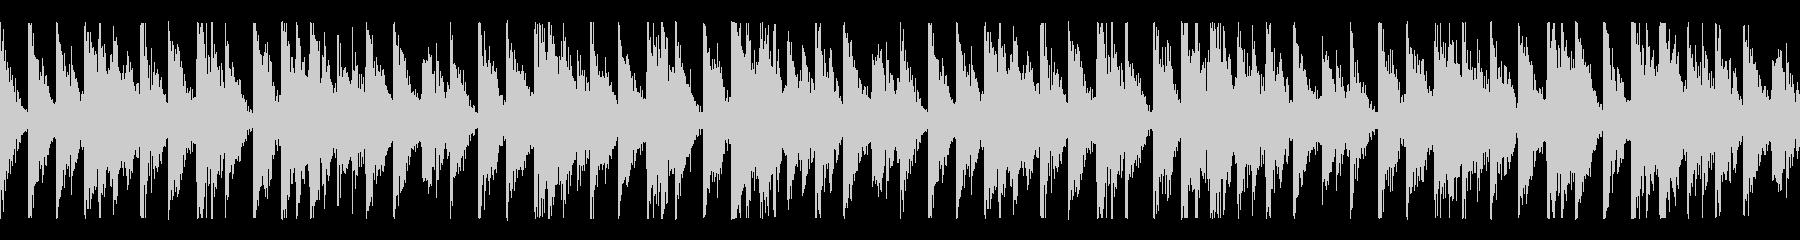 シンプルで特徴的なリズムの待機中BGMの未再生の波形